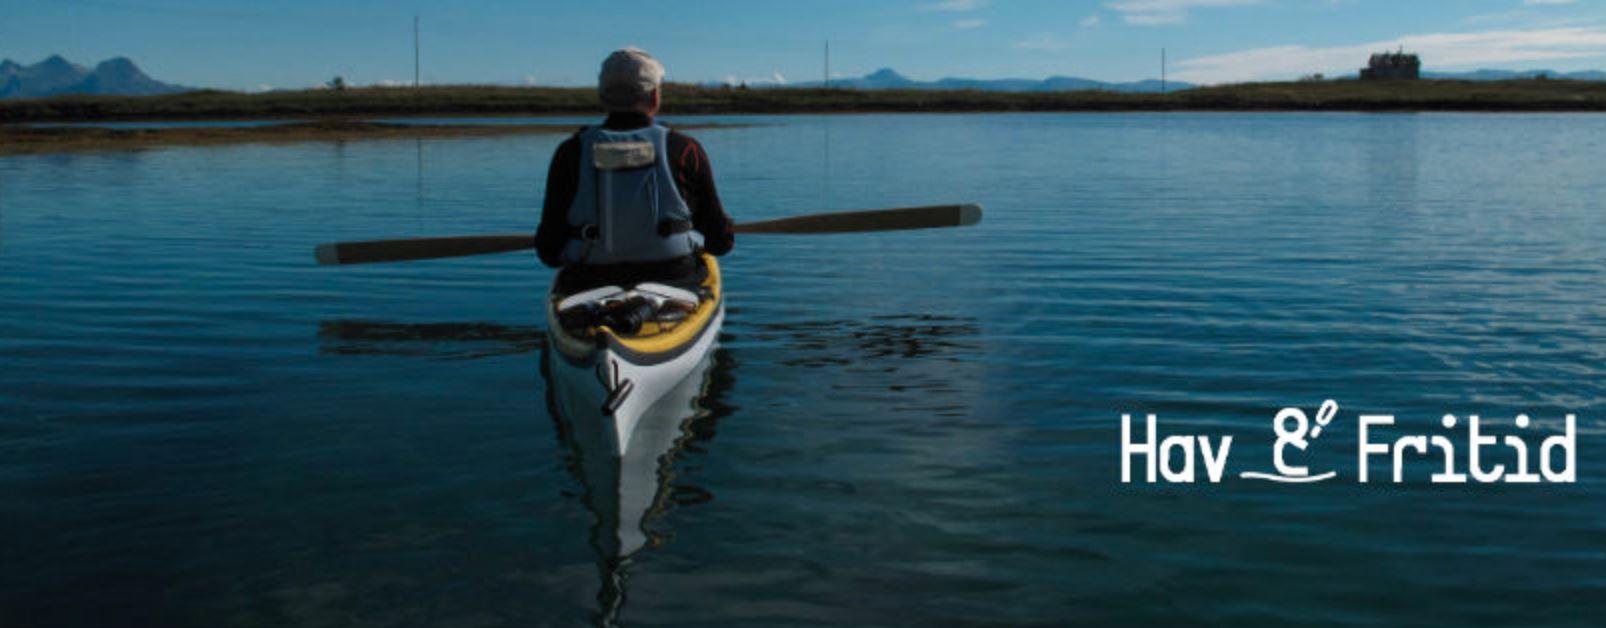 Kajakk - grunnleggende kurs i havpadling 12 -13 mai